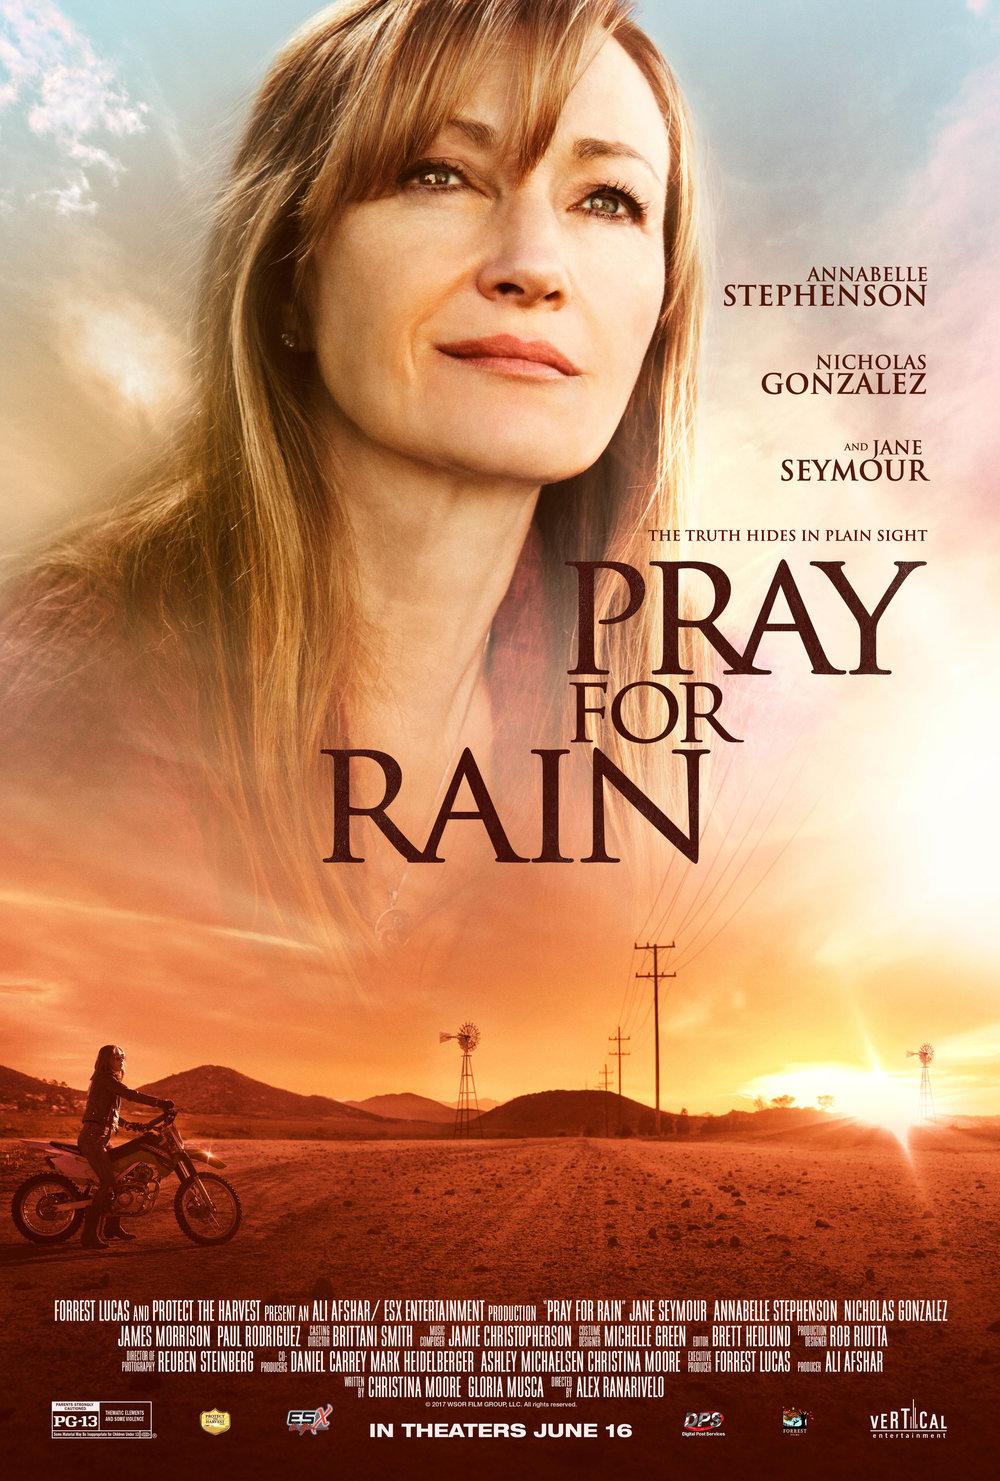 Pray_for_Rain_Poster_01 (1).jpg